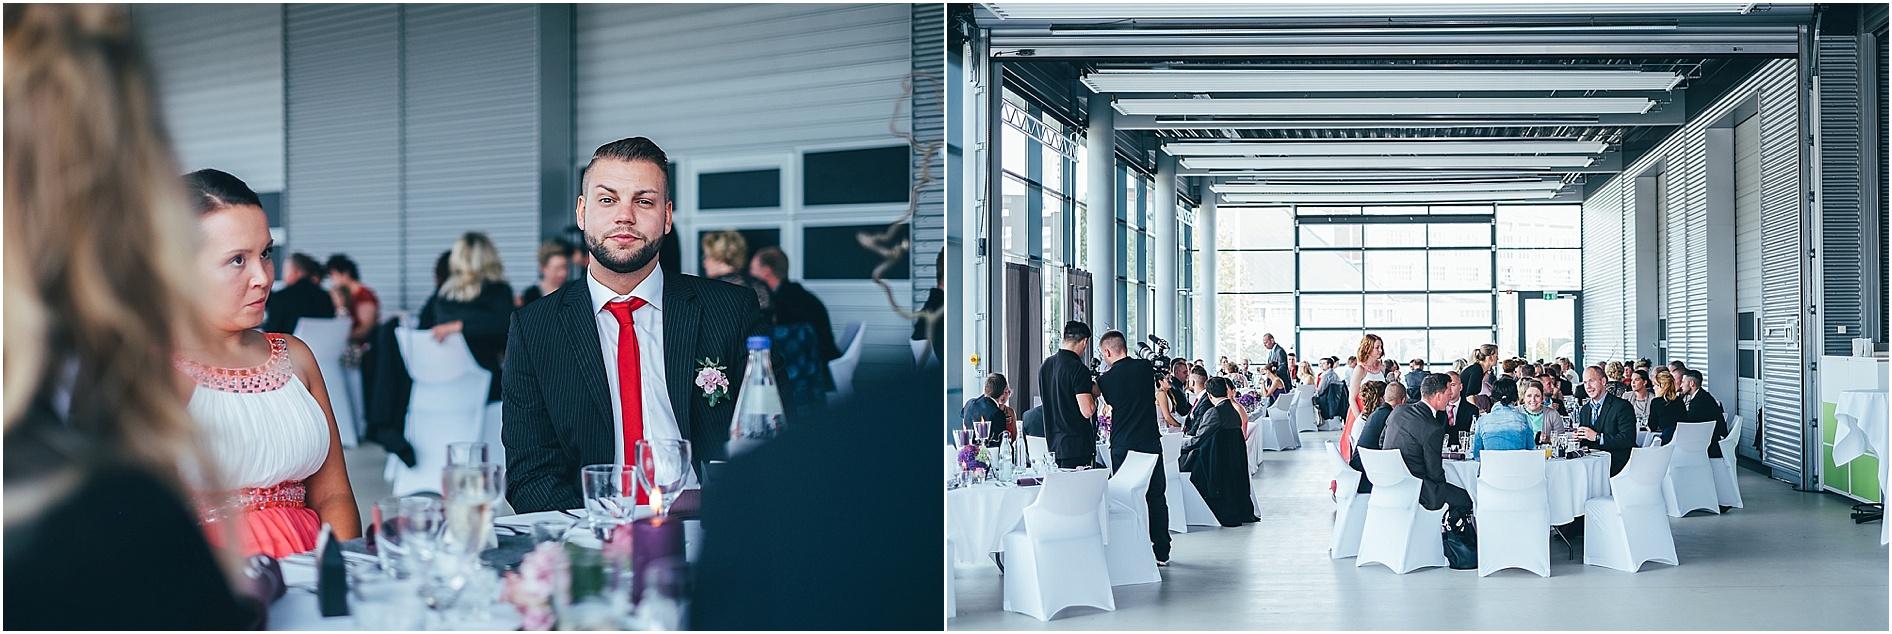 2014-11-20_0099 Lora & Daniel - Als Hochzeitsfotograf in Lüneburg